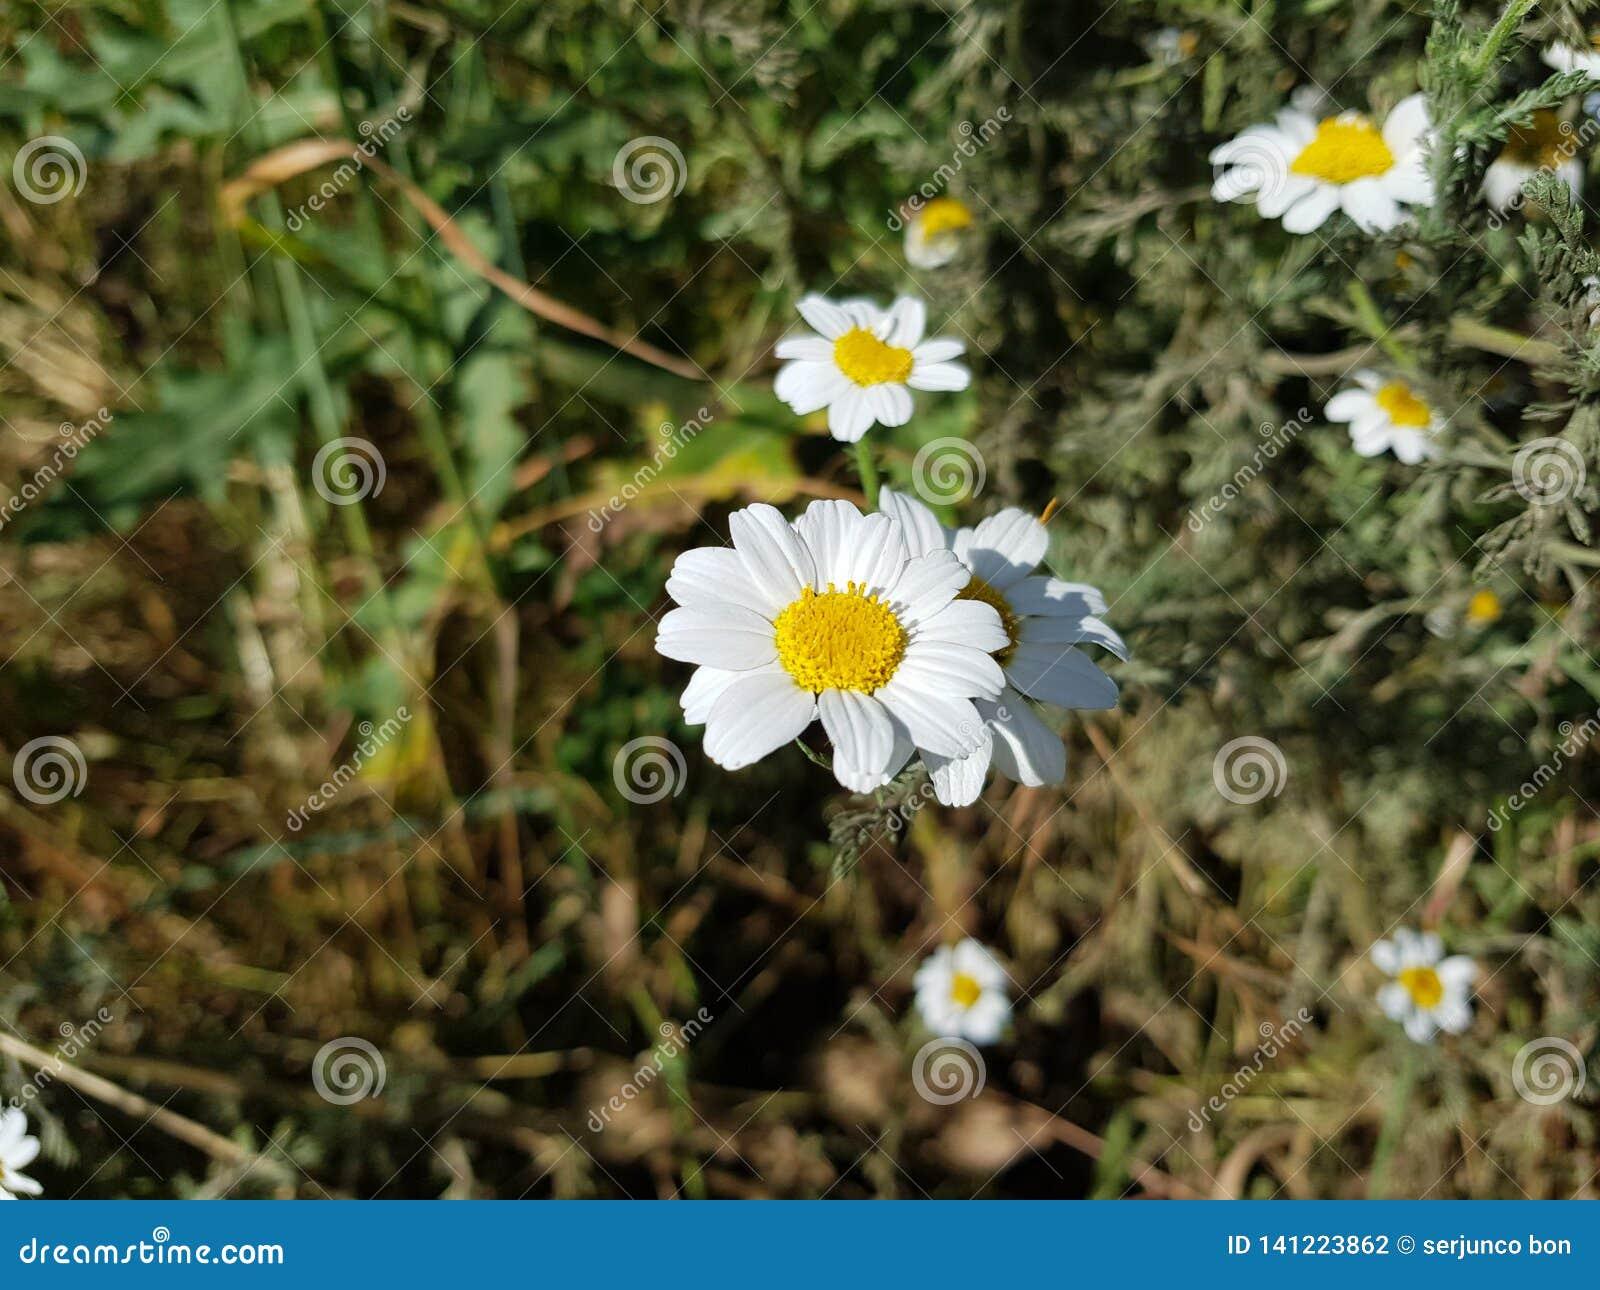 Tusenskönablommadetalj med dess vita kronblad som mottar solljus på en bakgrund av gröna sidor och andra tusenskönablommor